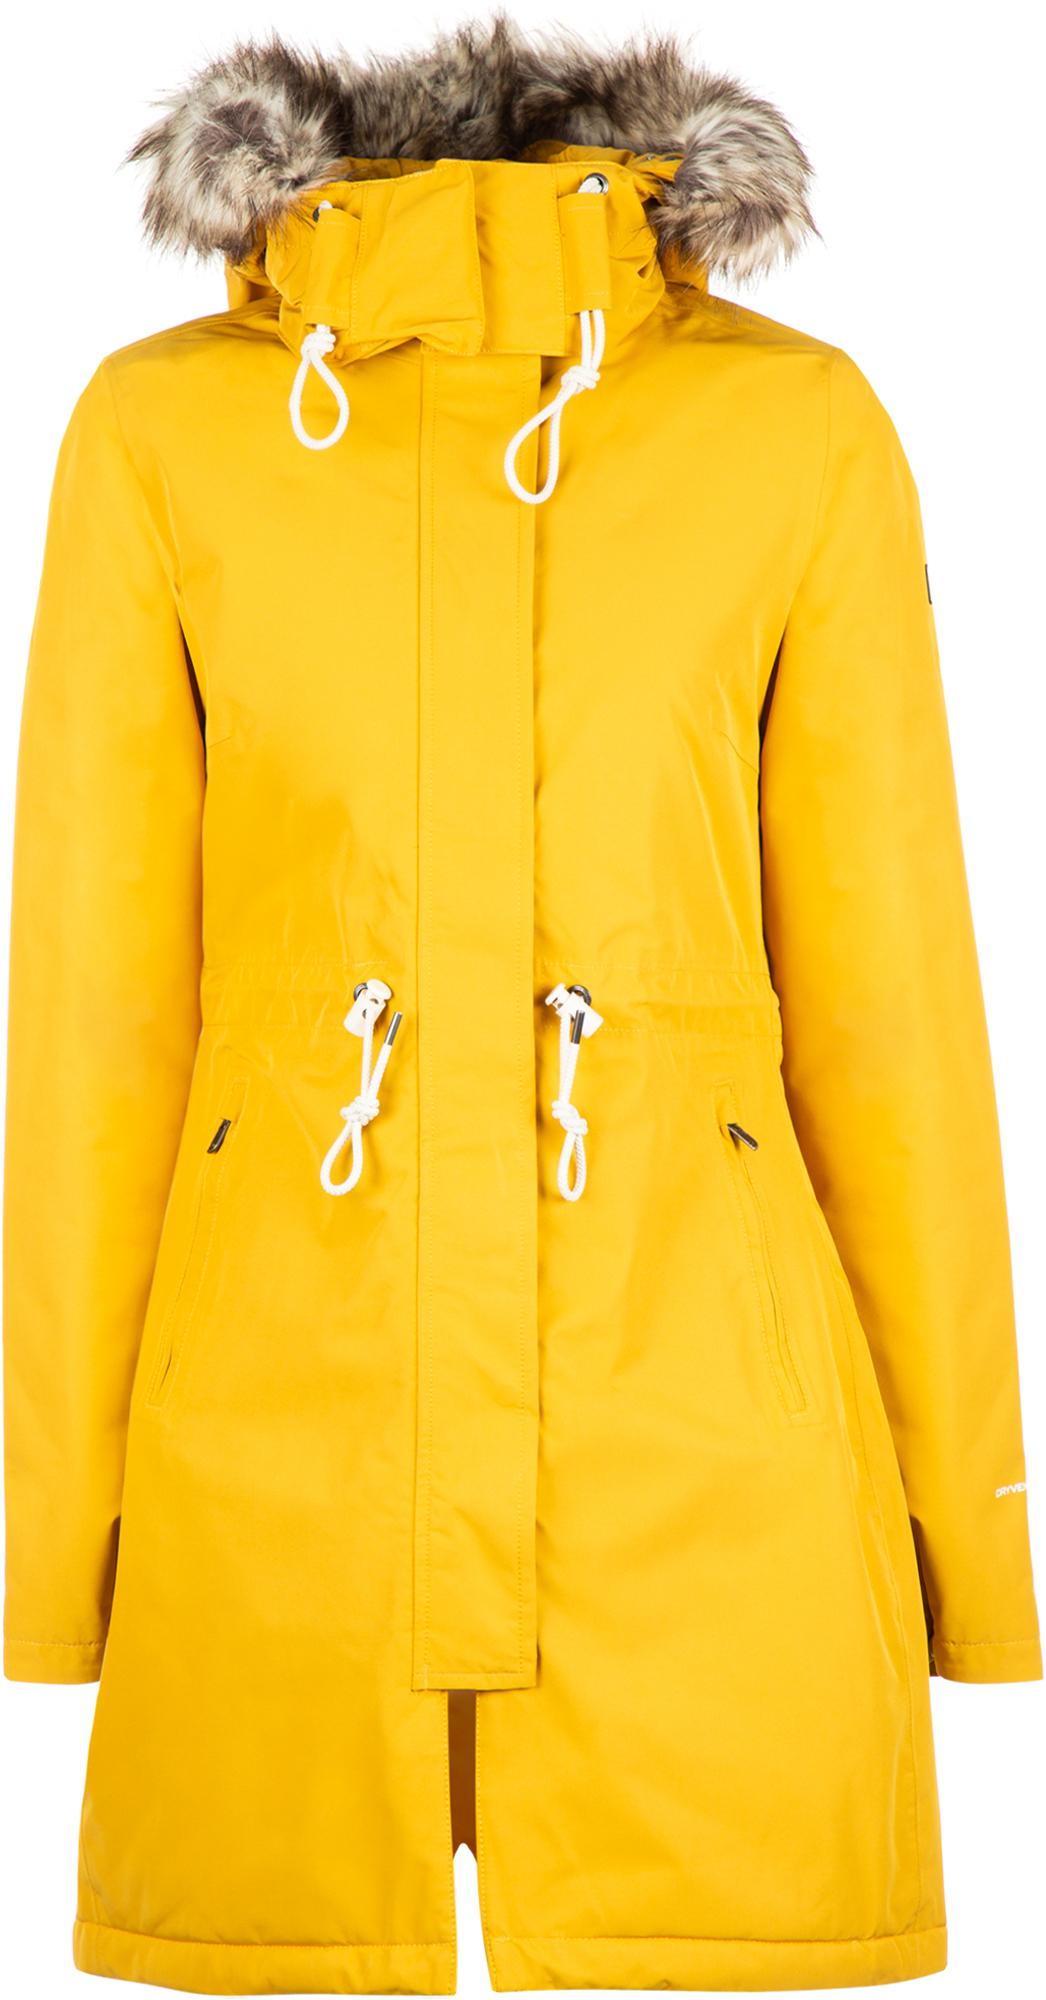 цены The North Face Куртка утепленная женская The North Face Zaneck, размер 46